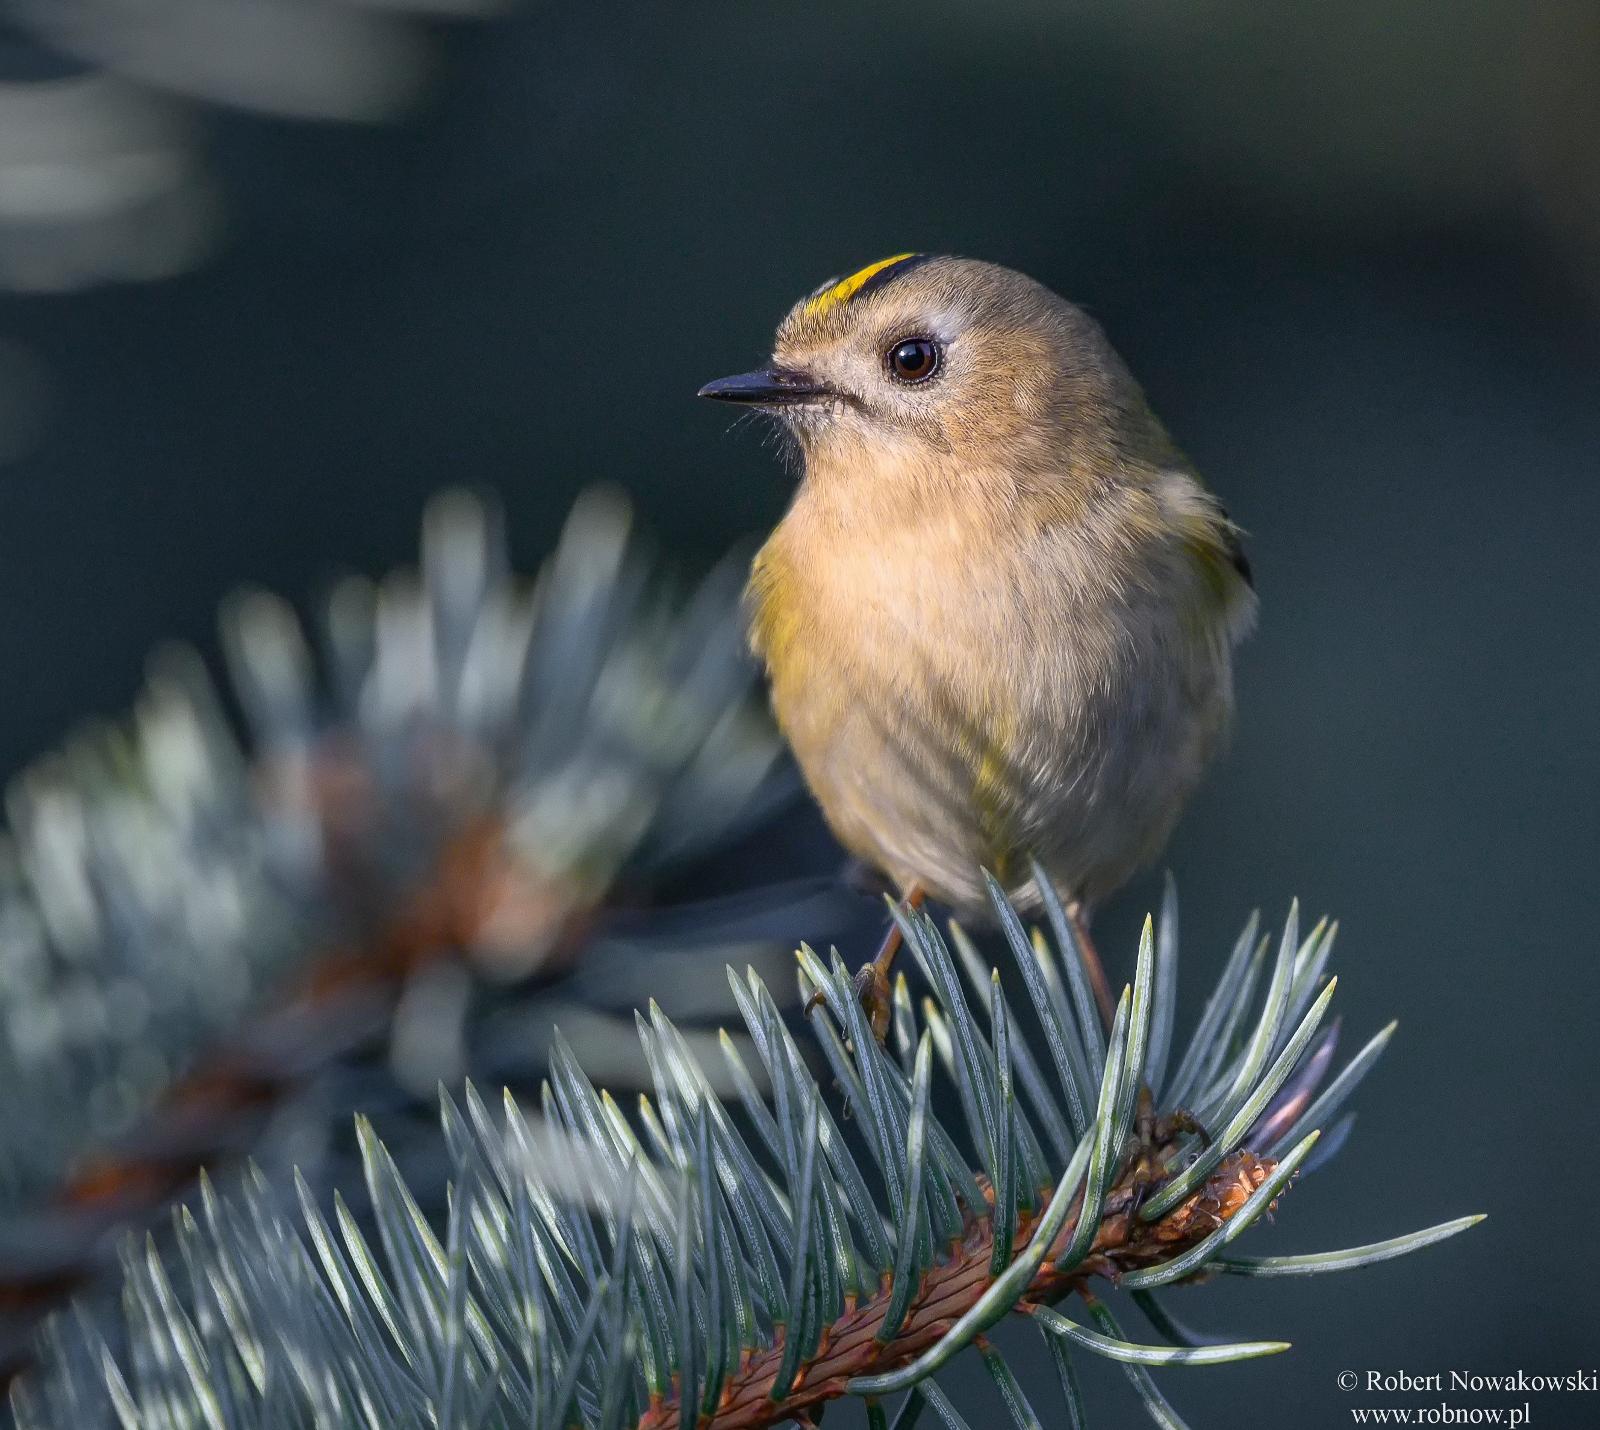 Mysikrólik u nas na wsi... najmniejszy ptak Europy.